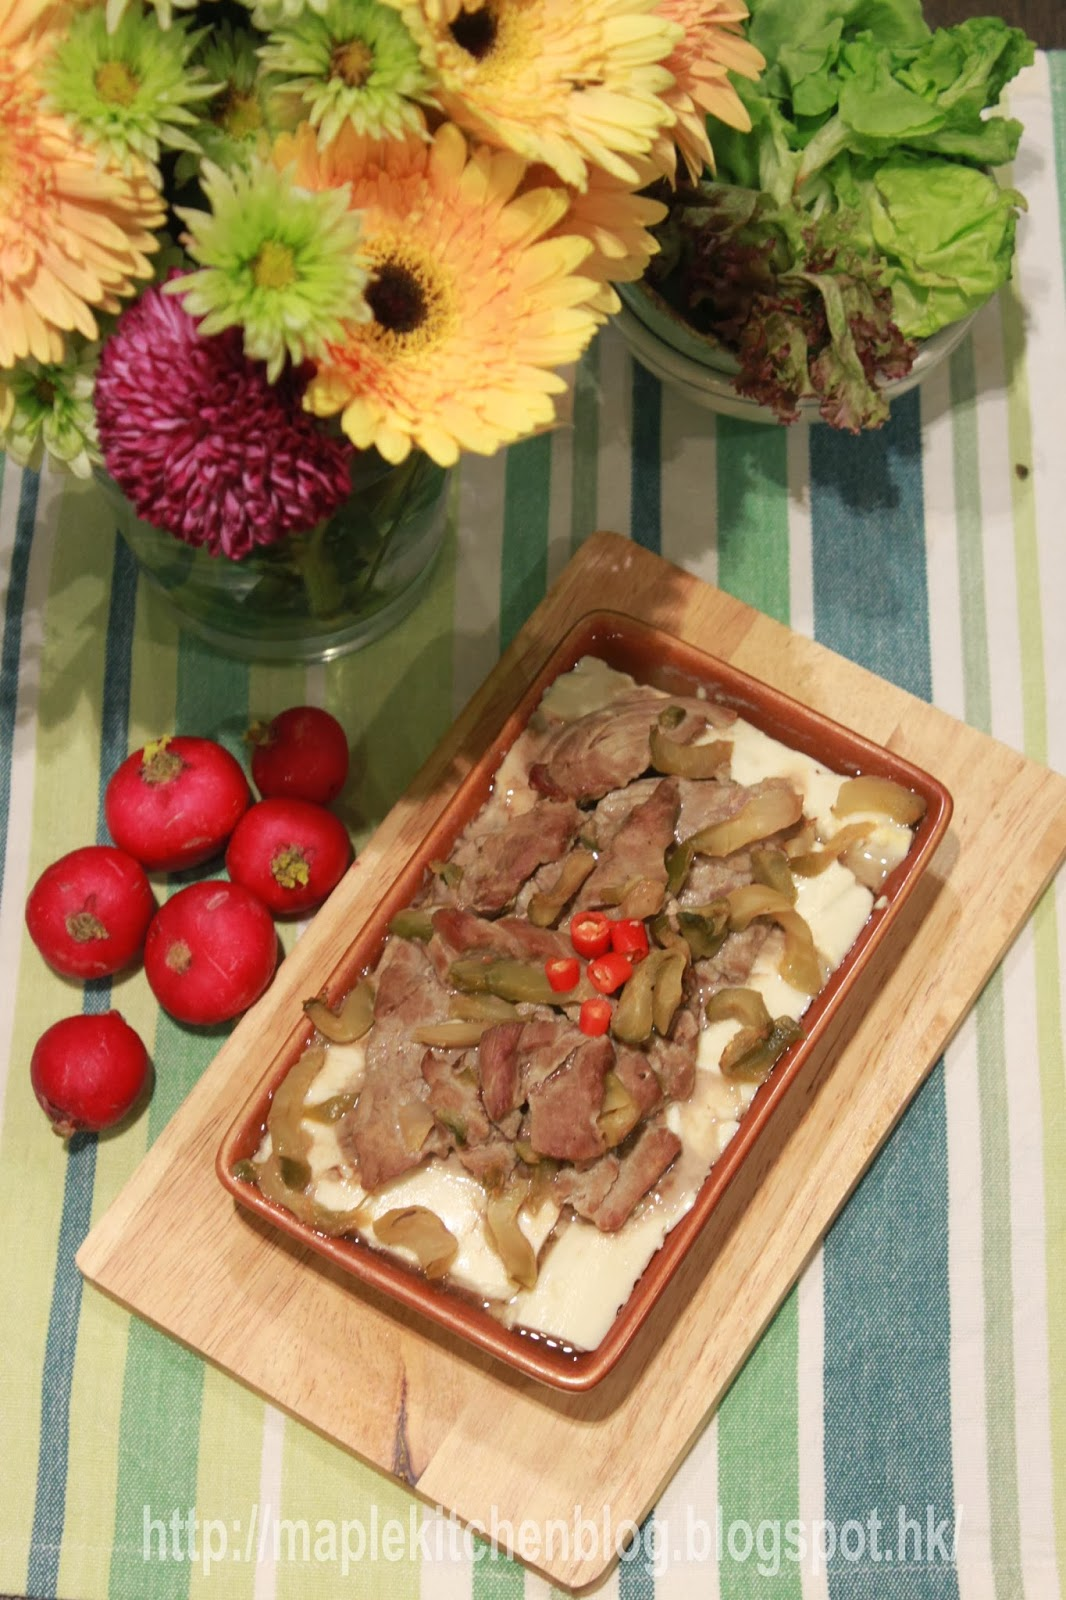 大蚊廚房 : 榨菜牛肉蒸豆腐 (蒸焗爐食譜)